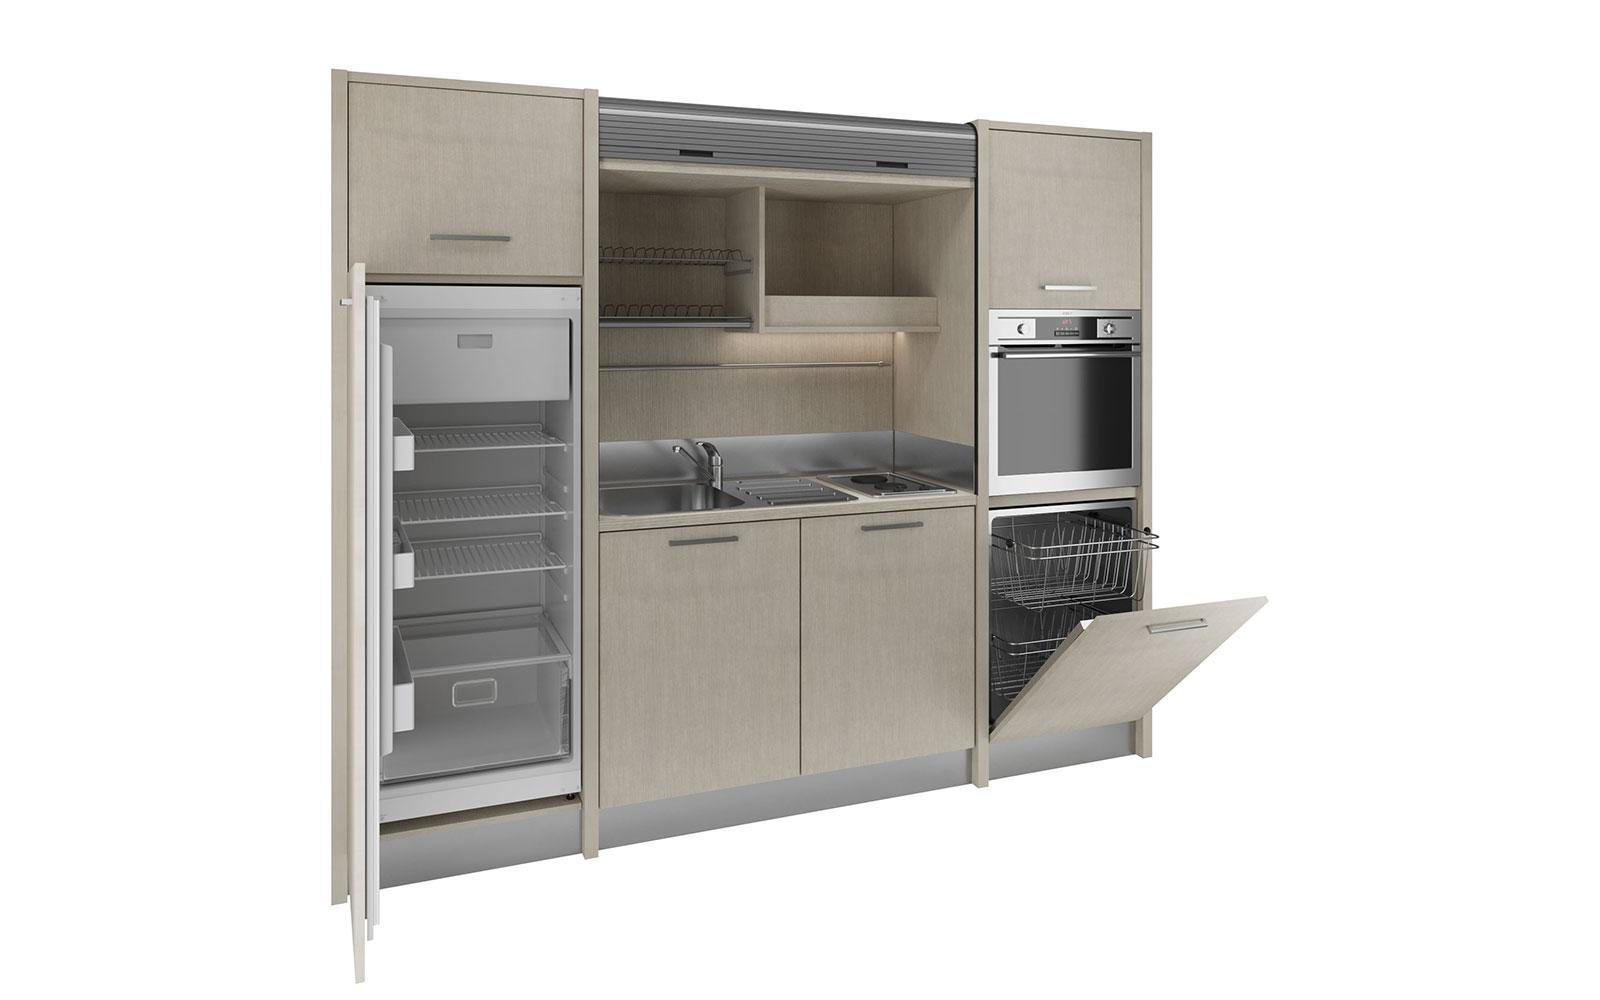 Cucine trasformabili la soluzione ideale per appartamenti piccoli